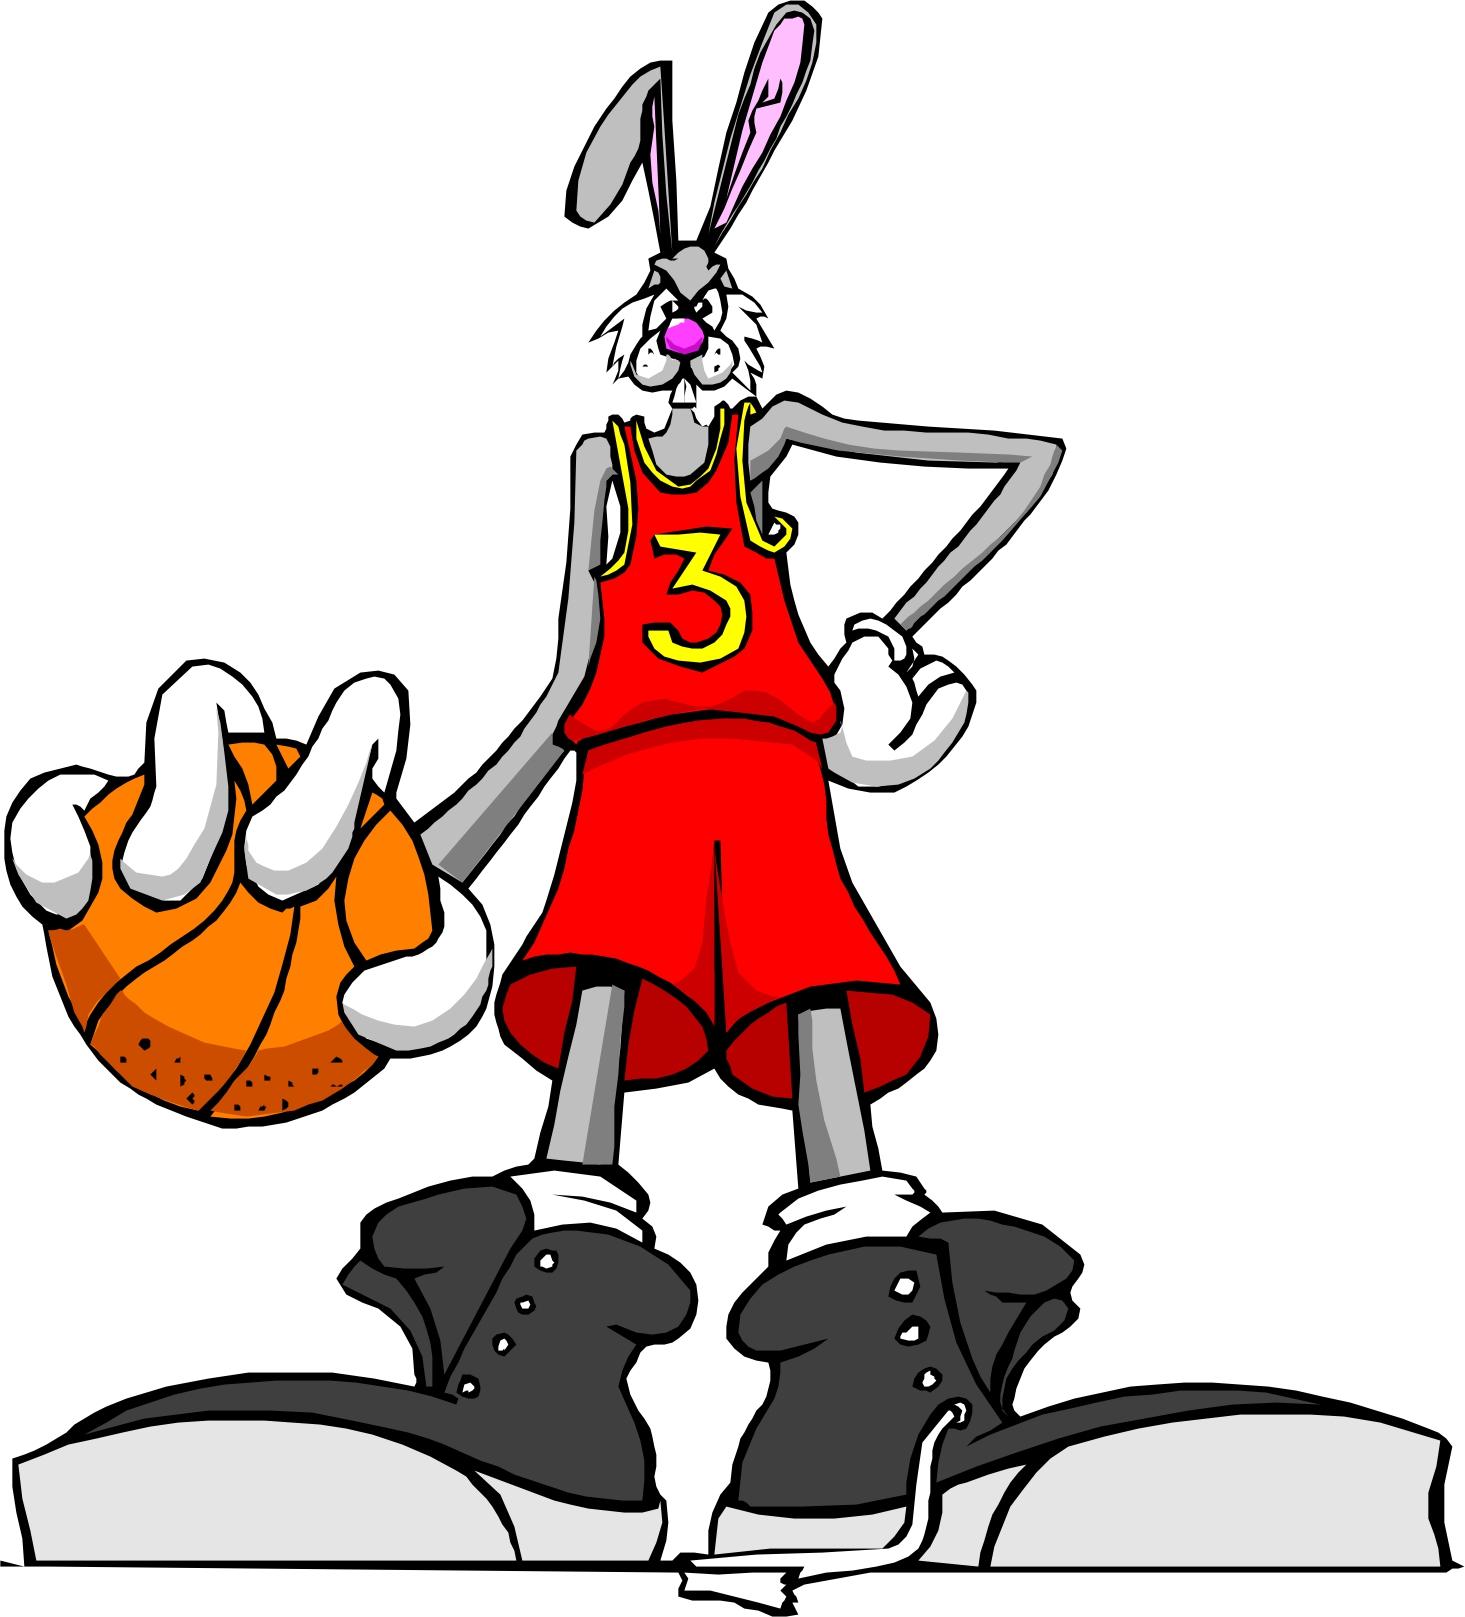 Cartoon Basketball Clipart - ClipArt Best